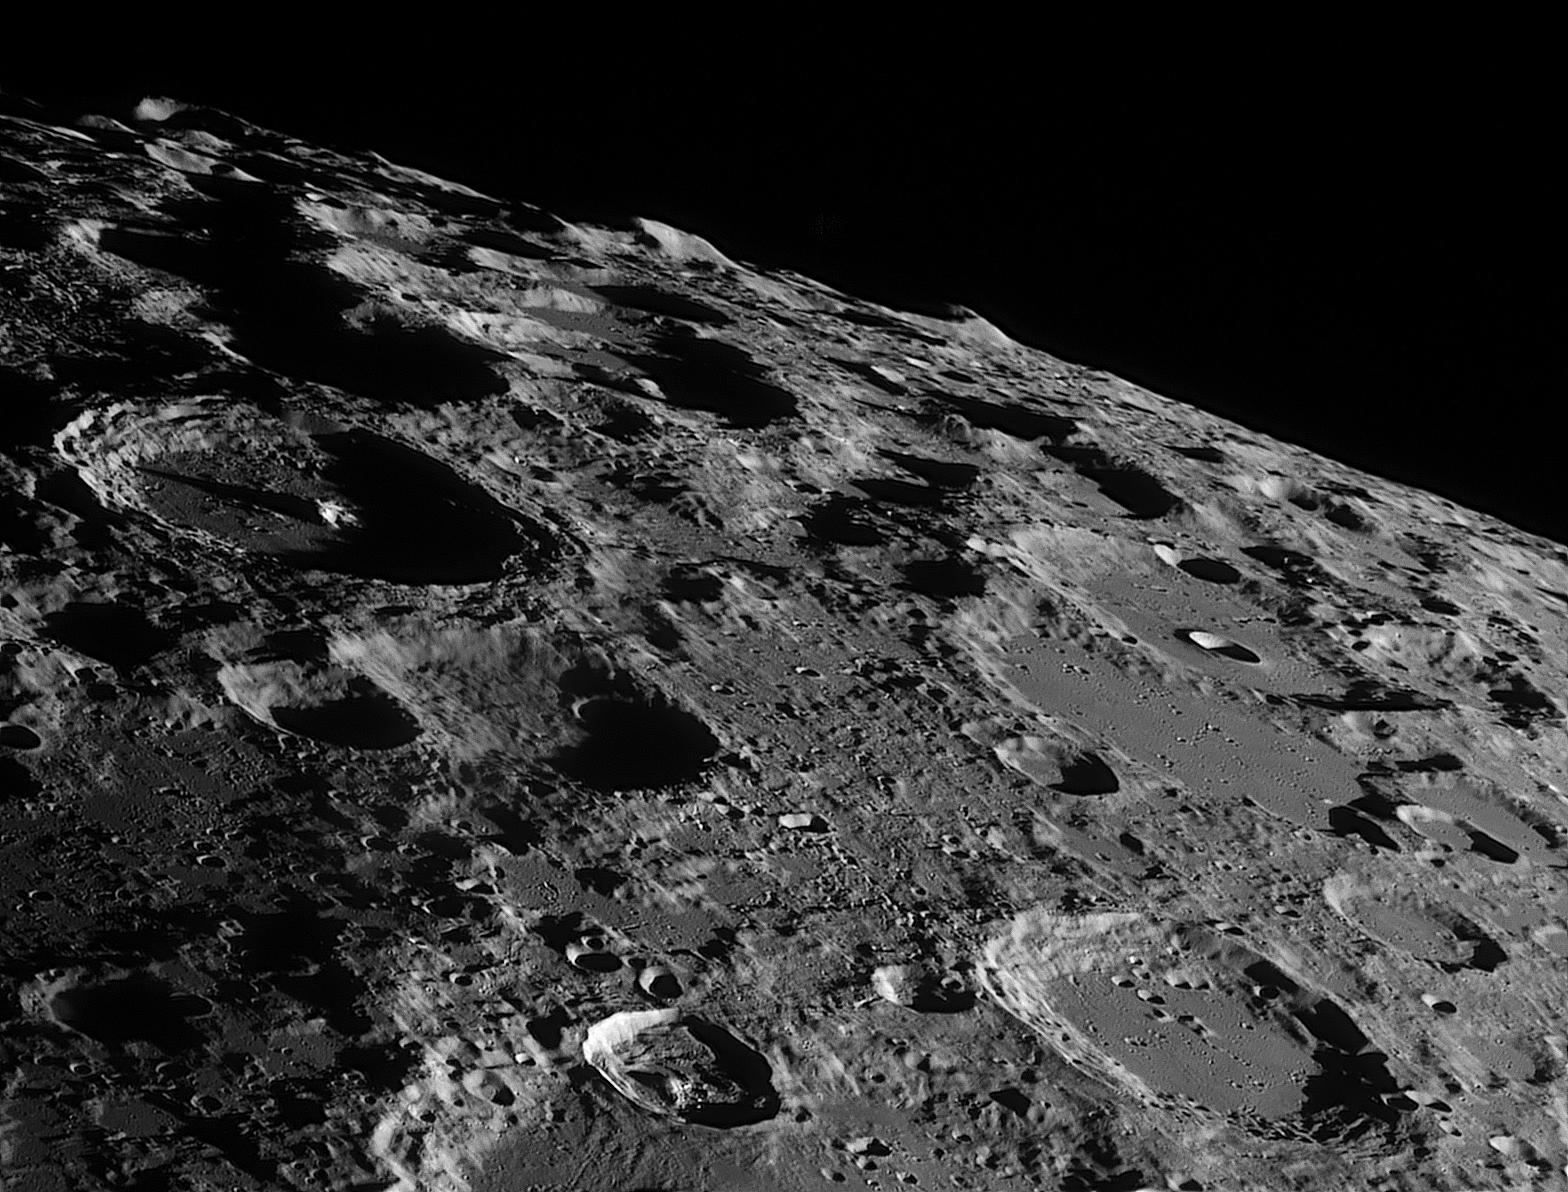 Скоро на Луне не останется свободного метра